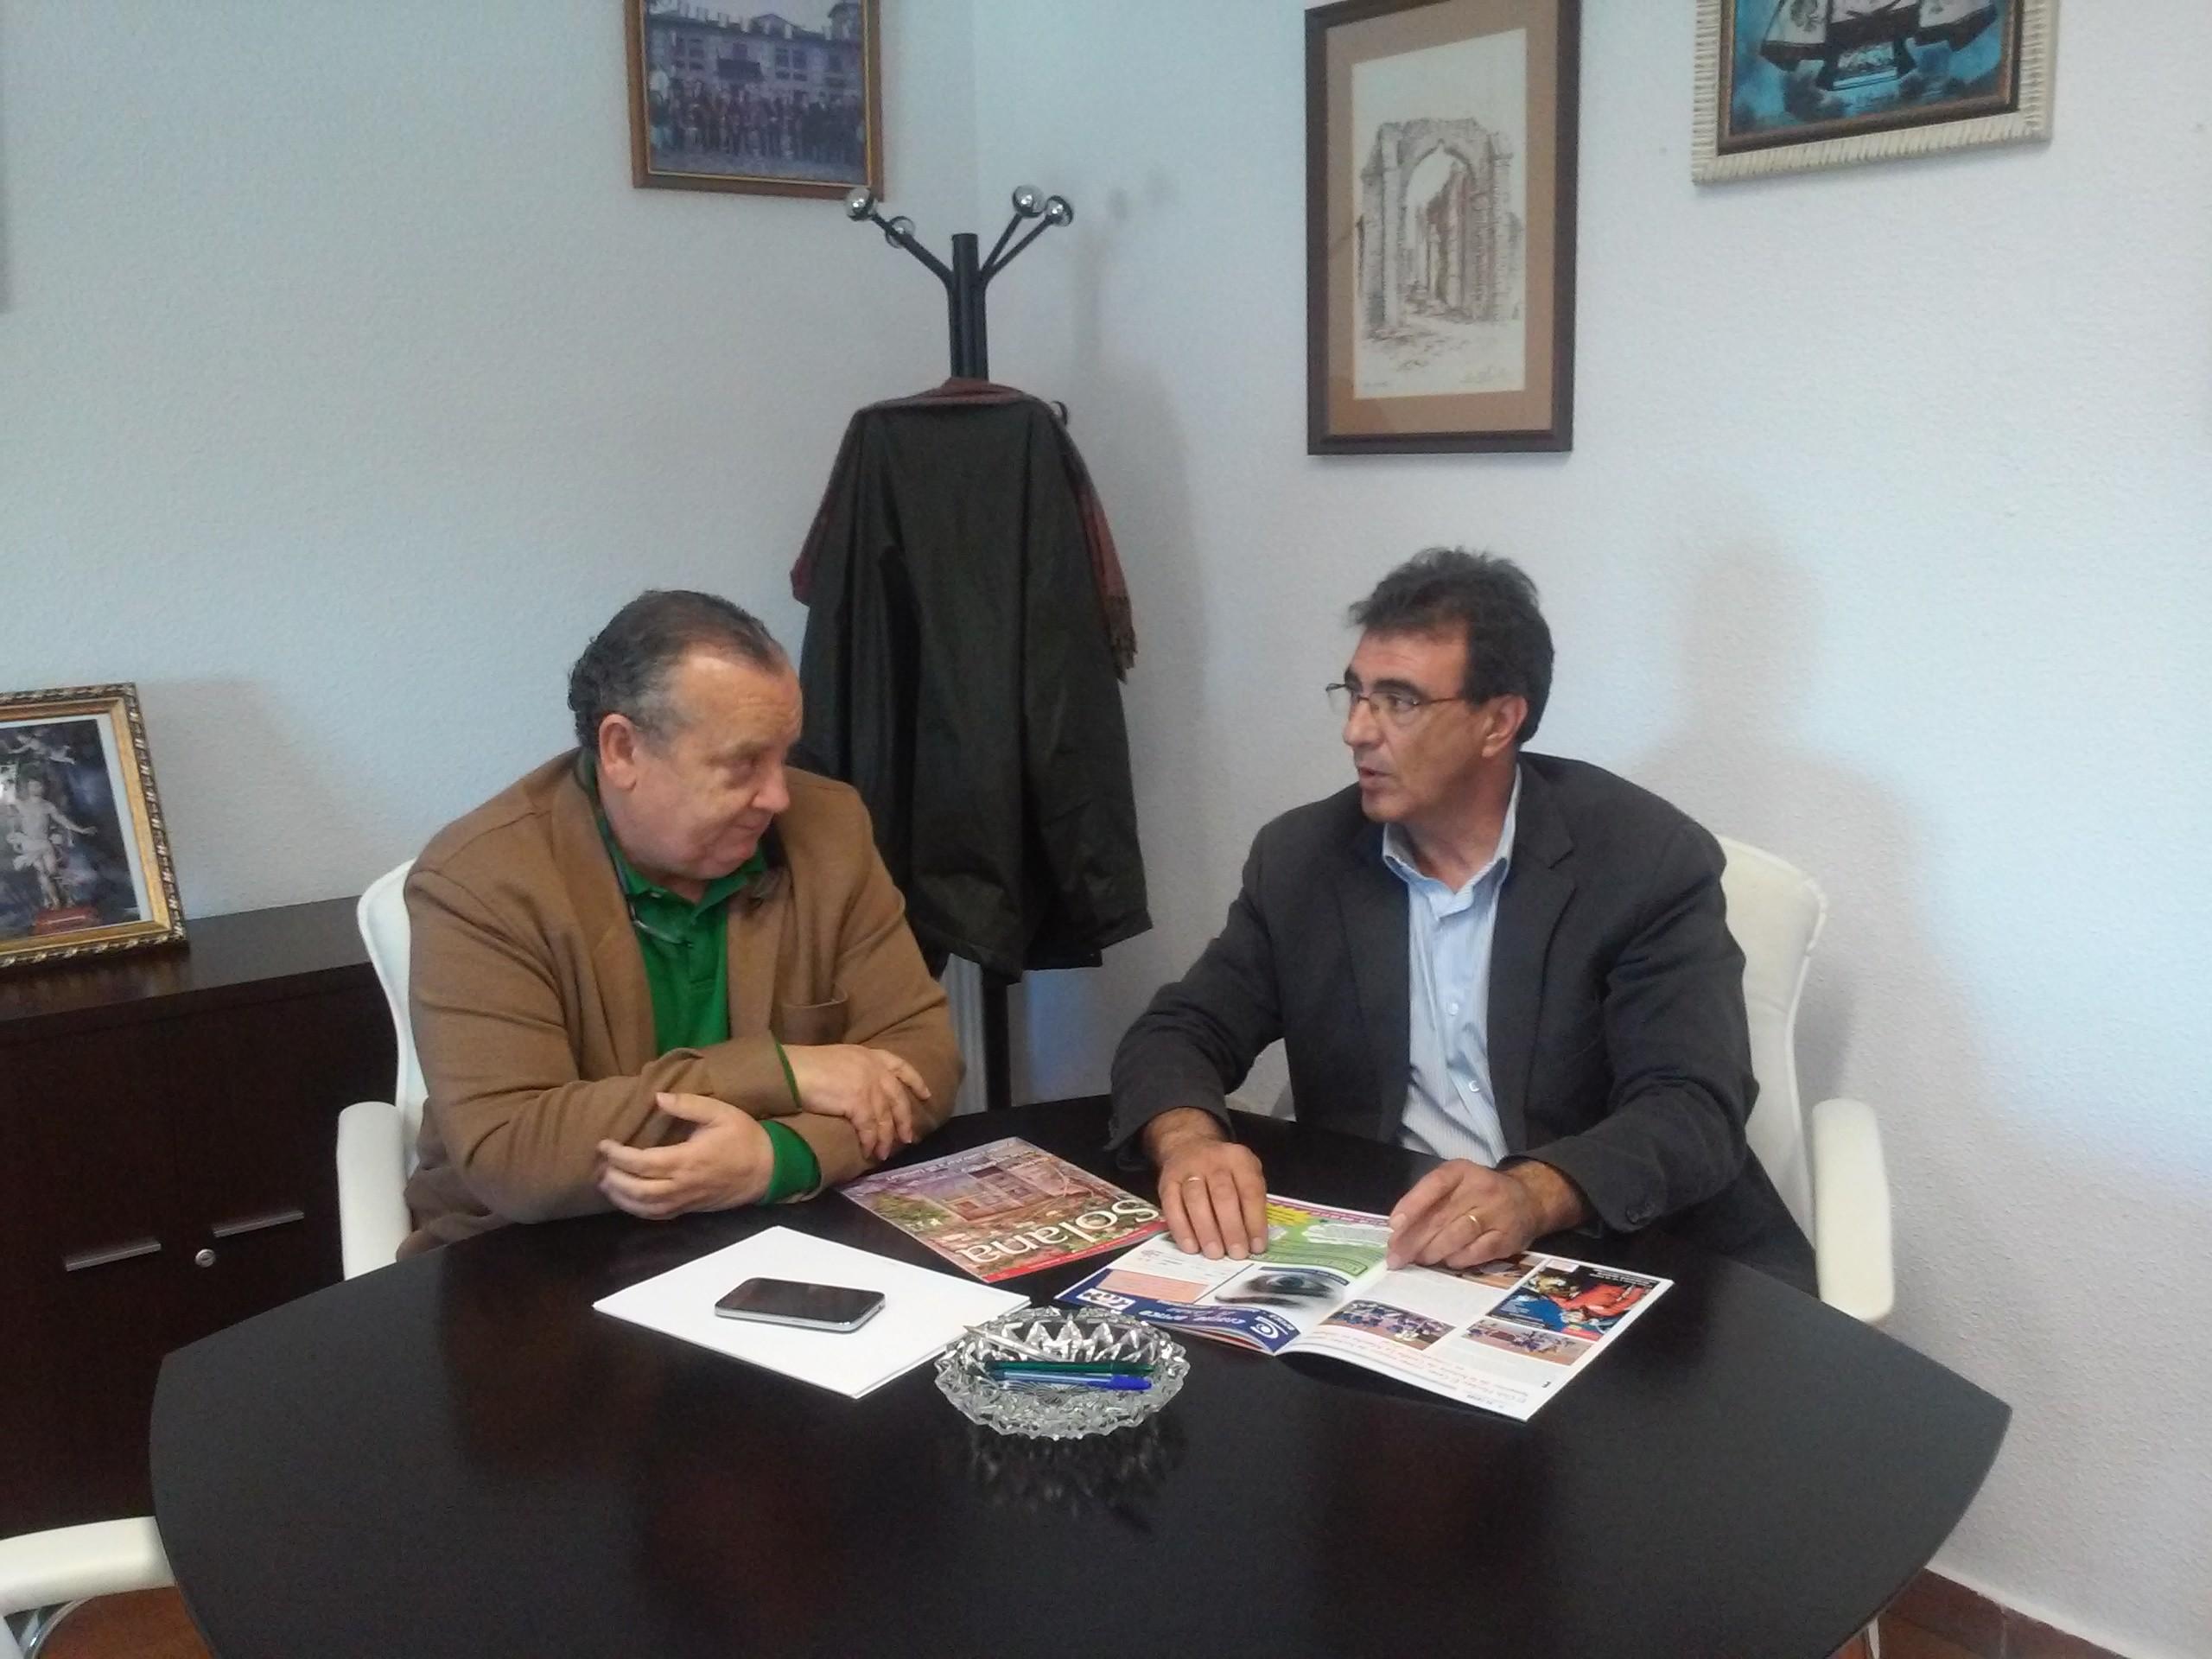 José Luis González Lamola, alcalde de El Casar-Mesones, y Juan Gordillo, portavoz de Ciudadanos (C's)